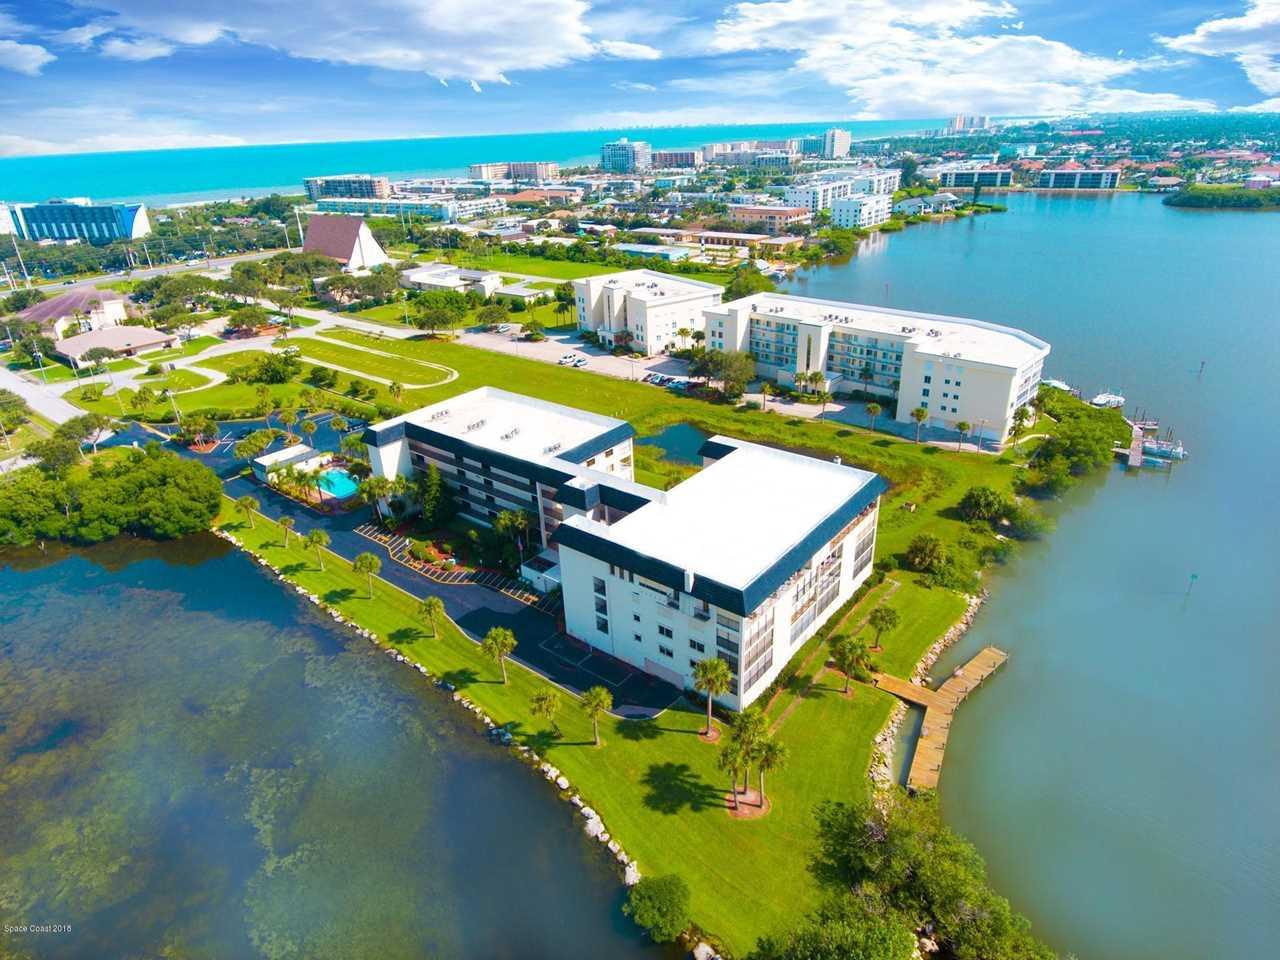 190 Escambia Lane #406 Cocoa Beach, FL 32931 | MLS 833746 Photo 1